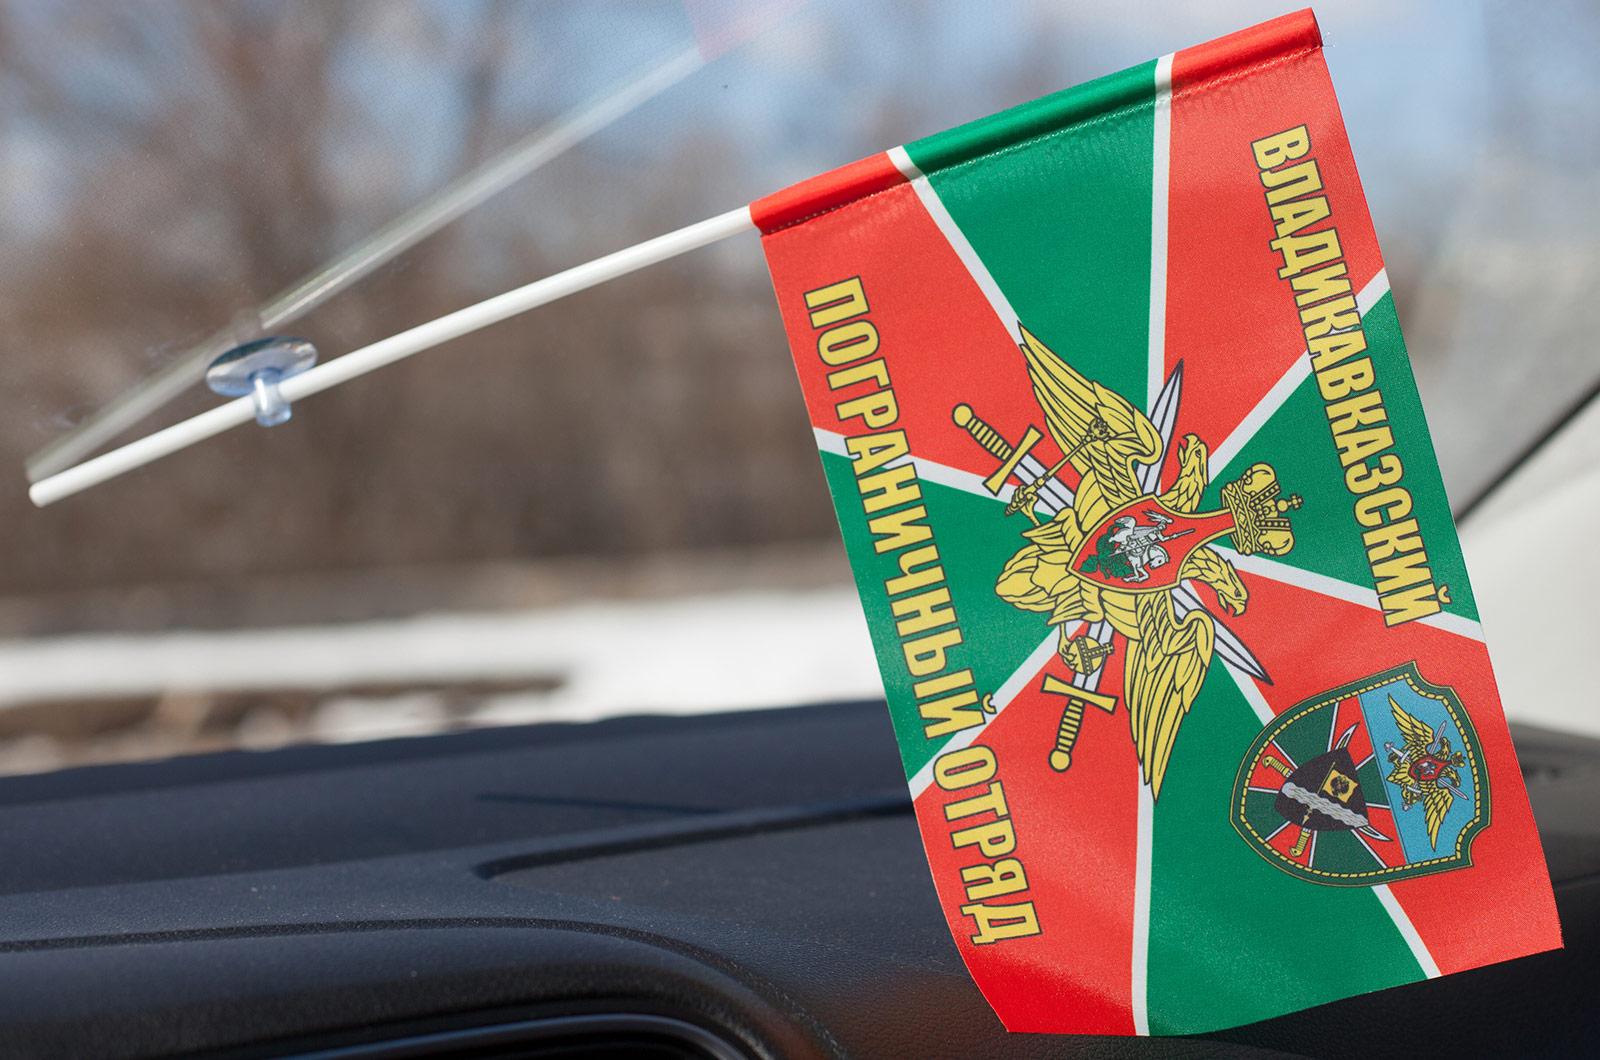 Флажок в машину «Владикавказский ПогО»